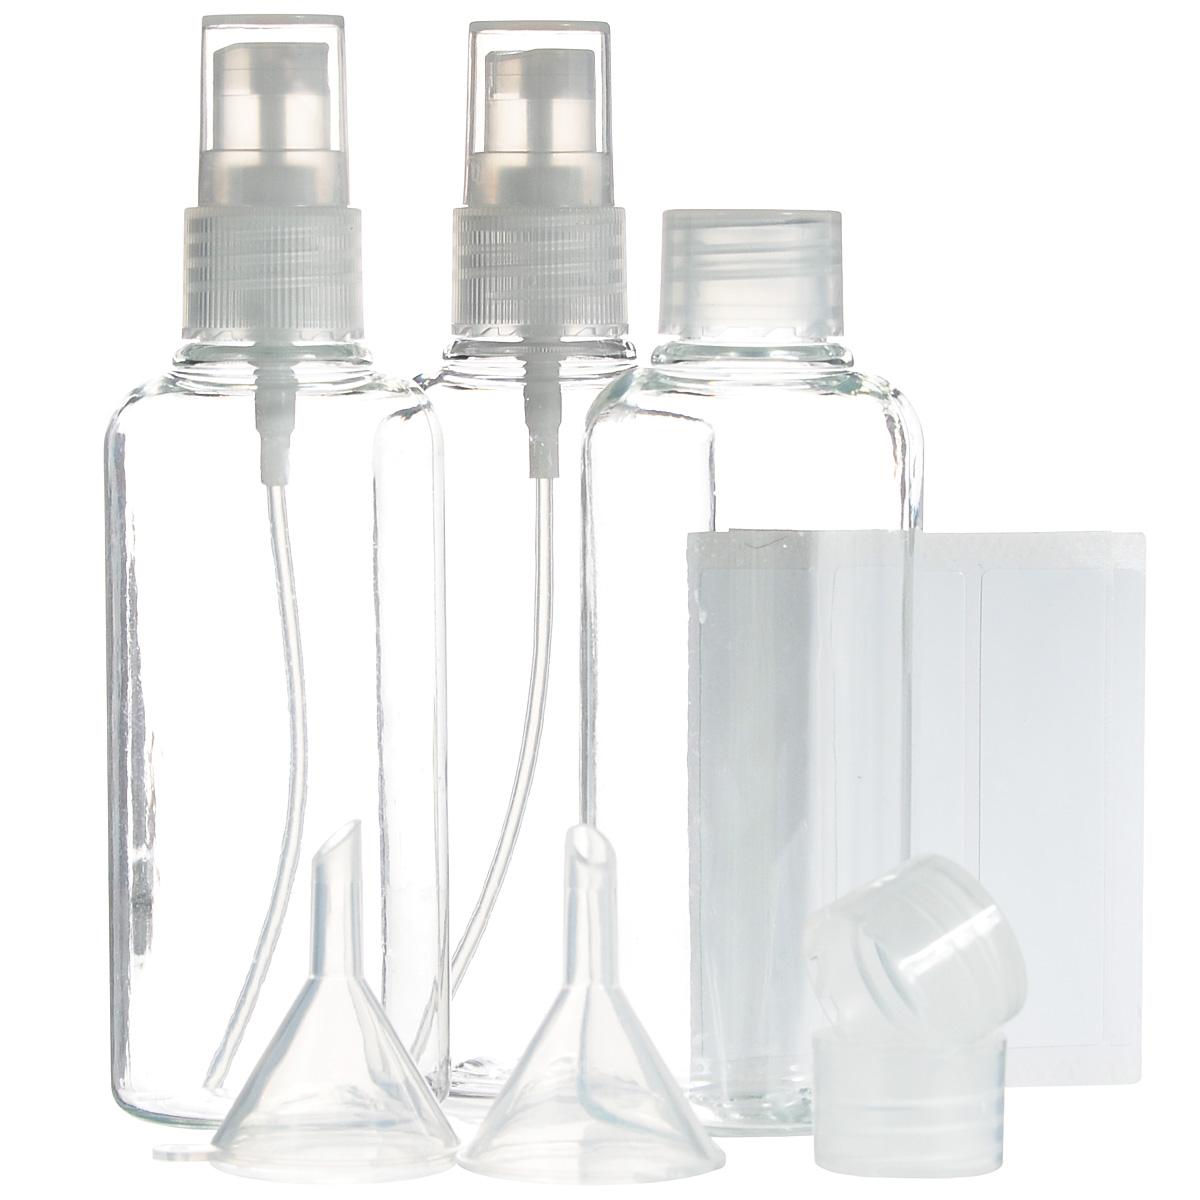 Набор контейнеров для жидкостей JustinCase, с аксессуарами, 12 предметовMP59.4DНабор JustinCase состоит из 3 контейнеров, 2 крышек-диспансеров и 2 воронок.Контейнеры, изготовленные из пластика, прекрасно подойдут для жидких средств по уходу за телом и волосами (шампунь, кондиционер, гель для душа, массажное масло), которые вы хотите взять в дорогу. Все контейнеры можно использовать много раз. В комплекте такого дорожного набора - 5 упаковок наклеек для подписи содержимого контейнеров.Все предметы набора расположены в удобной пластиковой сумочке-чехле на змейке.Высота стенок контейнера: 9 см. Диаметр горлышка контейнера: 1,5 см.